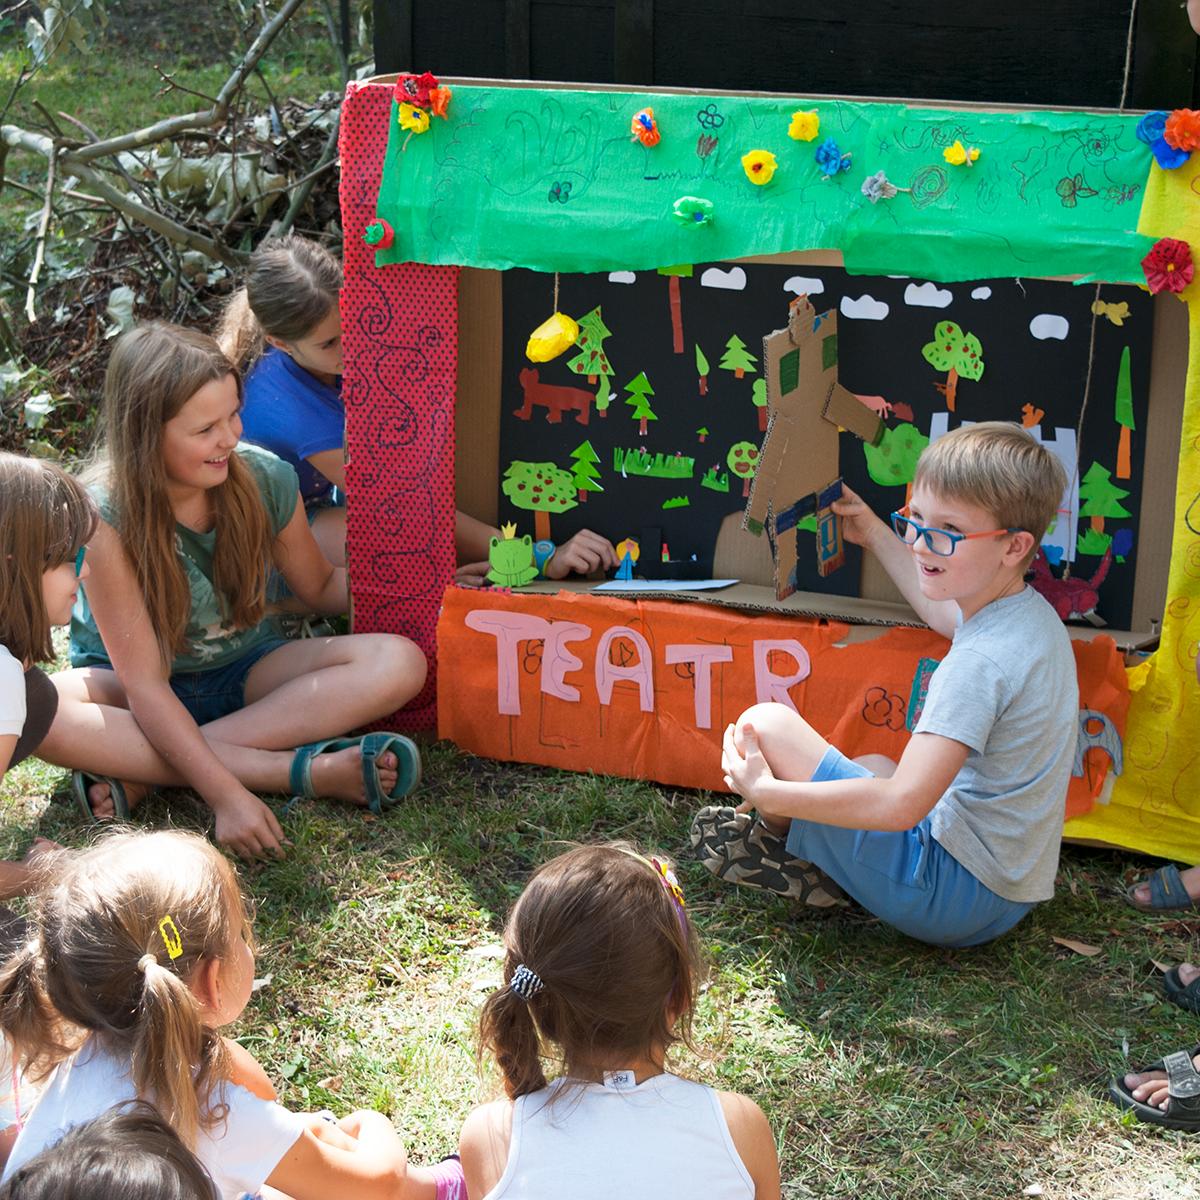 Na fotografii widać teatr z dużego kartonu i papierów, stworzony przez dzieci. Wokół papierowej sceny, na trawie, siedzą mali twórcy. Troje z nich odgrywa spektakl przy użyciu papierowych kukiełek, a reszta patrzy.